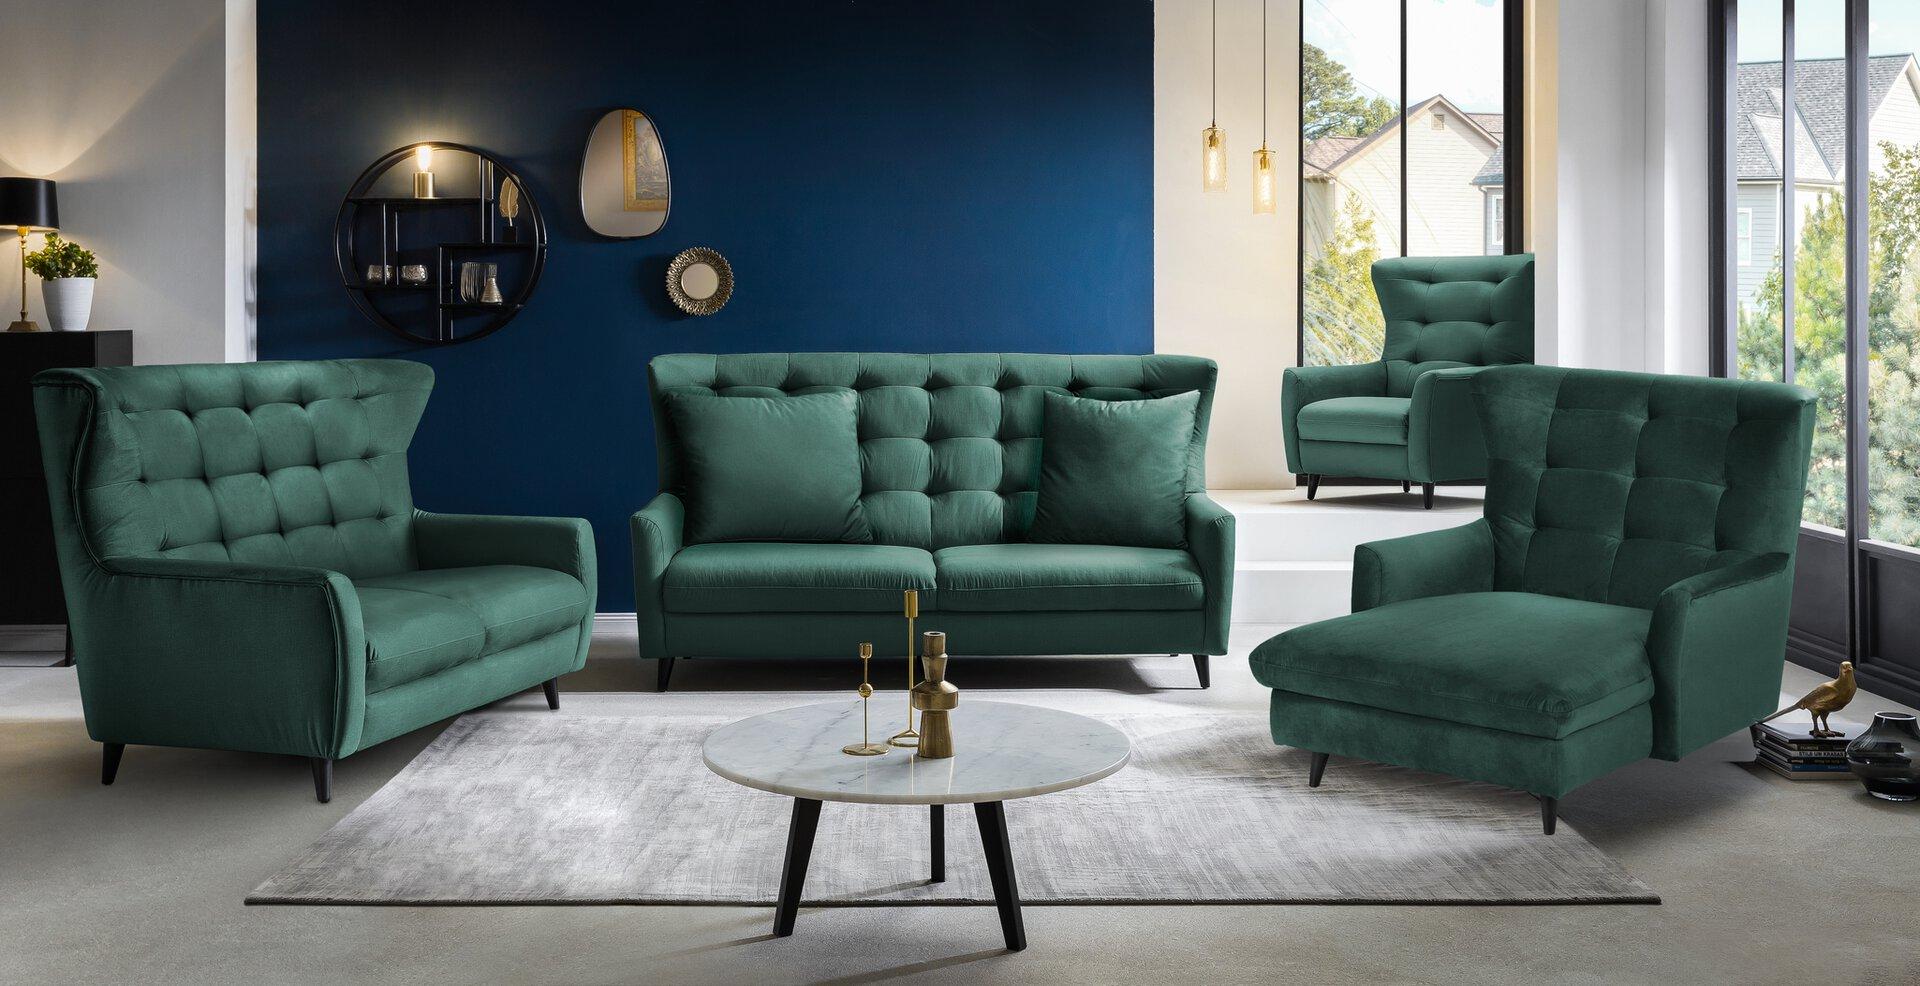 Sofa 2-Sitzer FANTASTICO CELECT Textil grün 108 x 101 x 180 cm